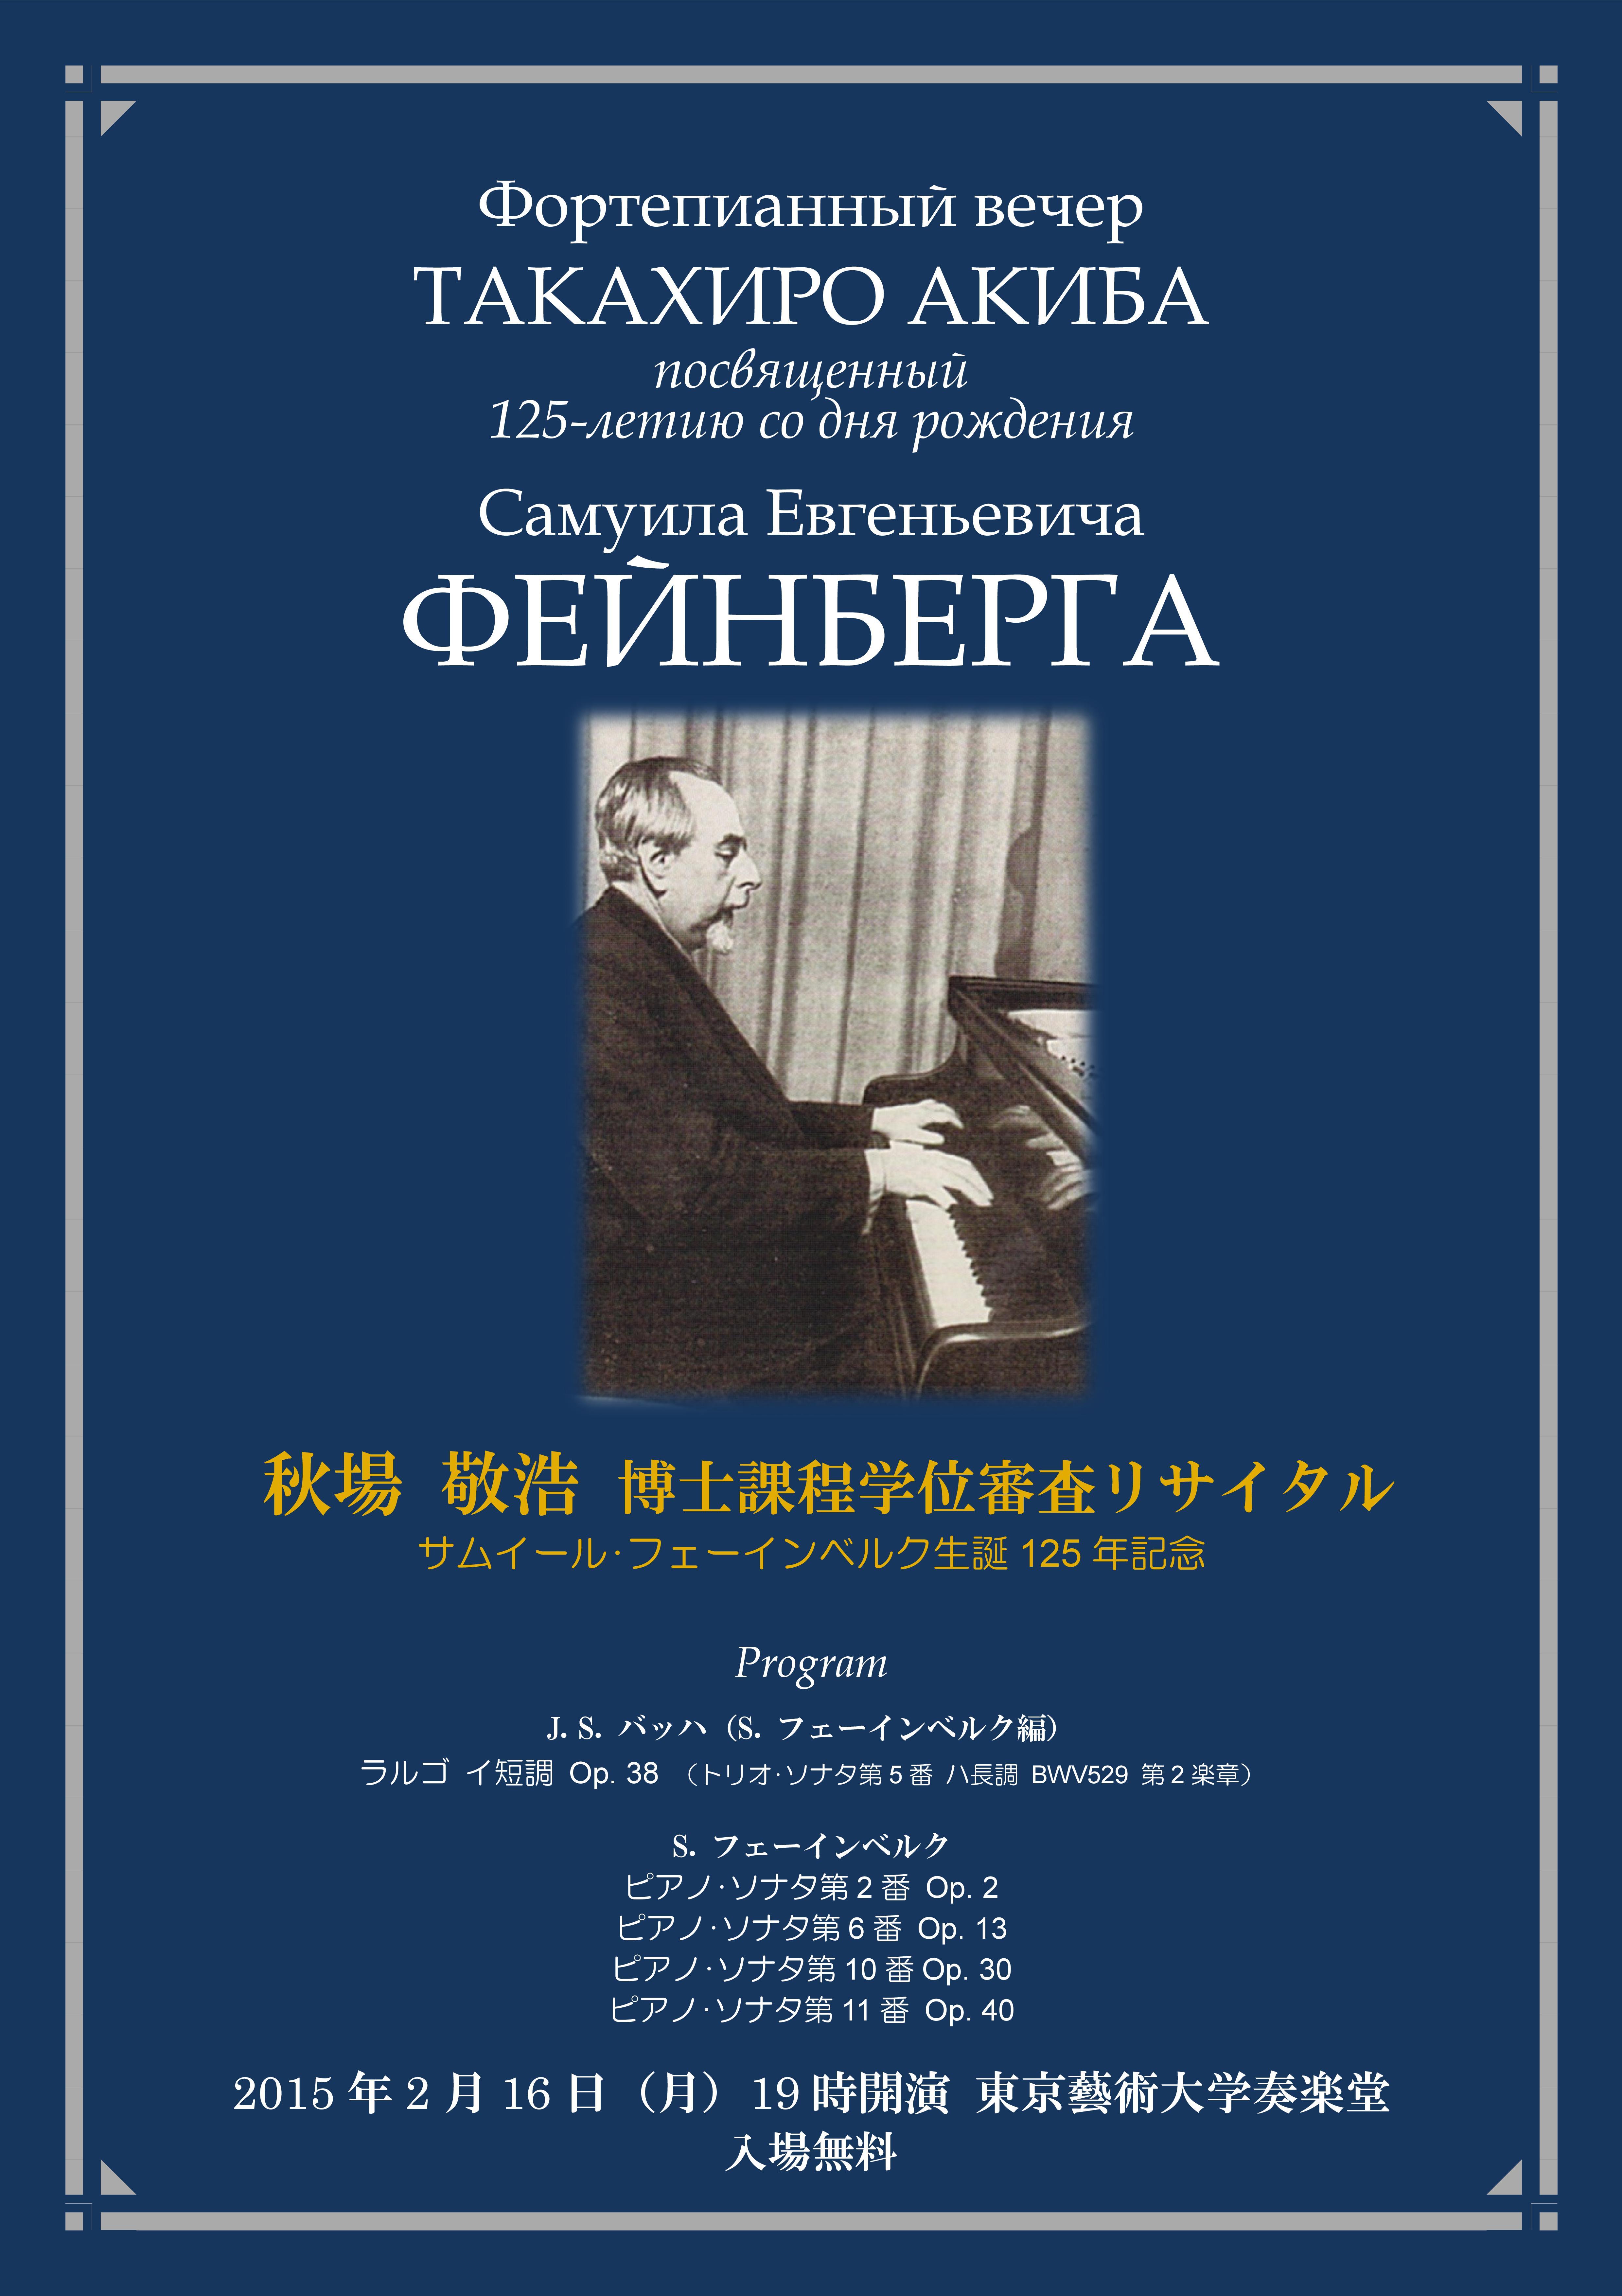 秋葉敬浩(ピアノ)博士後期課程学位審査演奏会